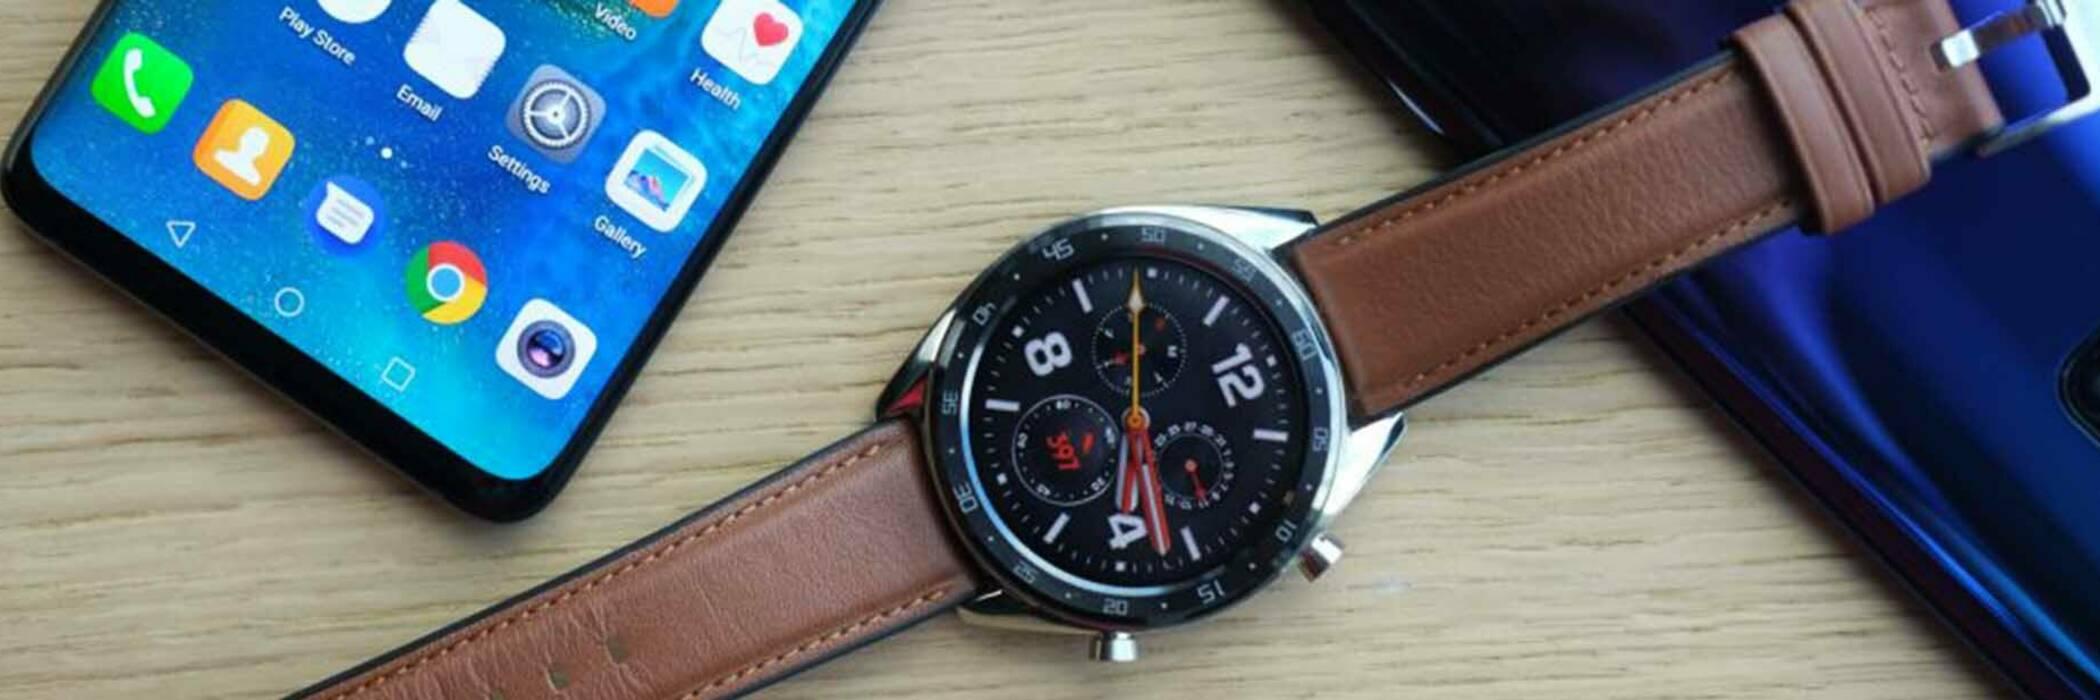 19may huawei p30 watch gt hero